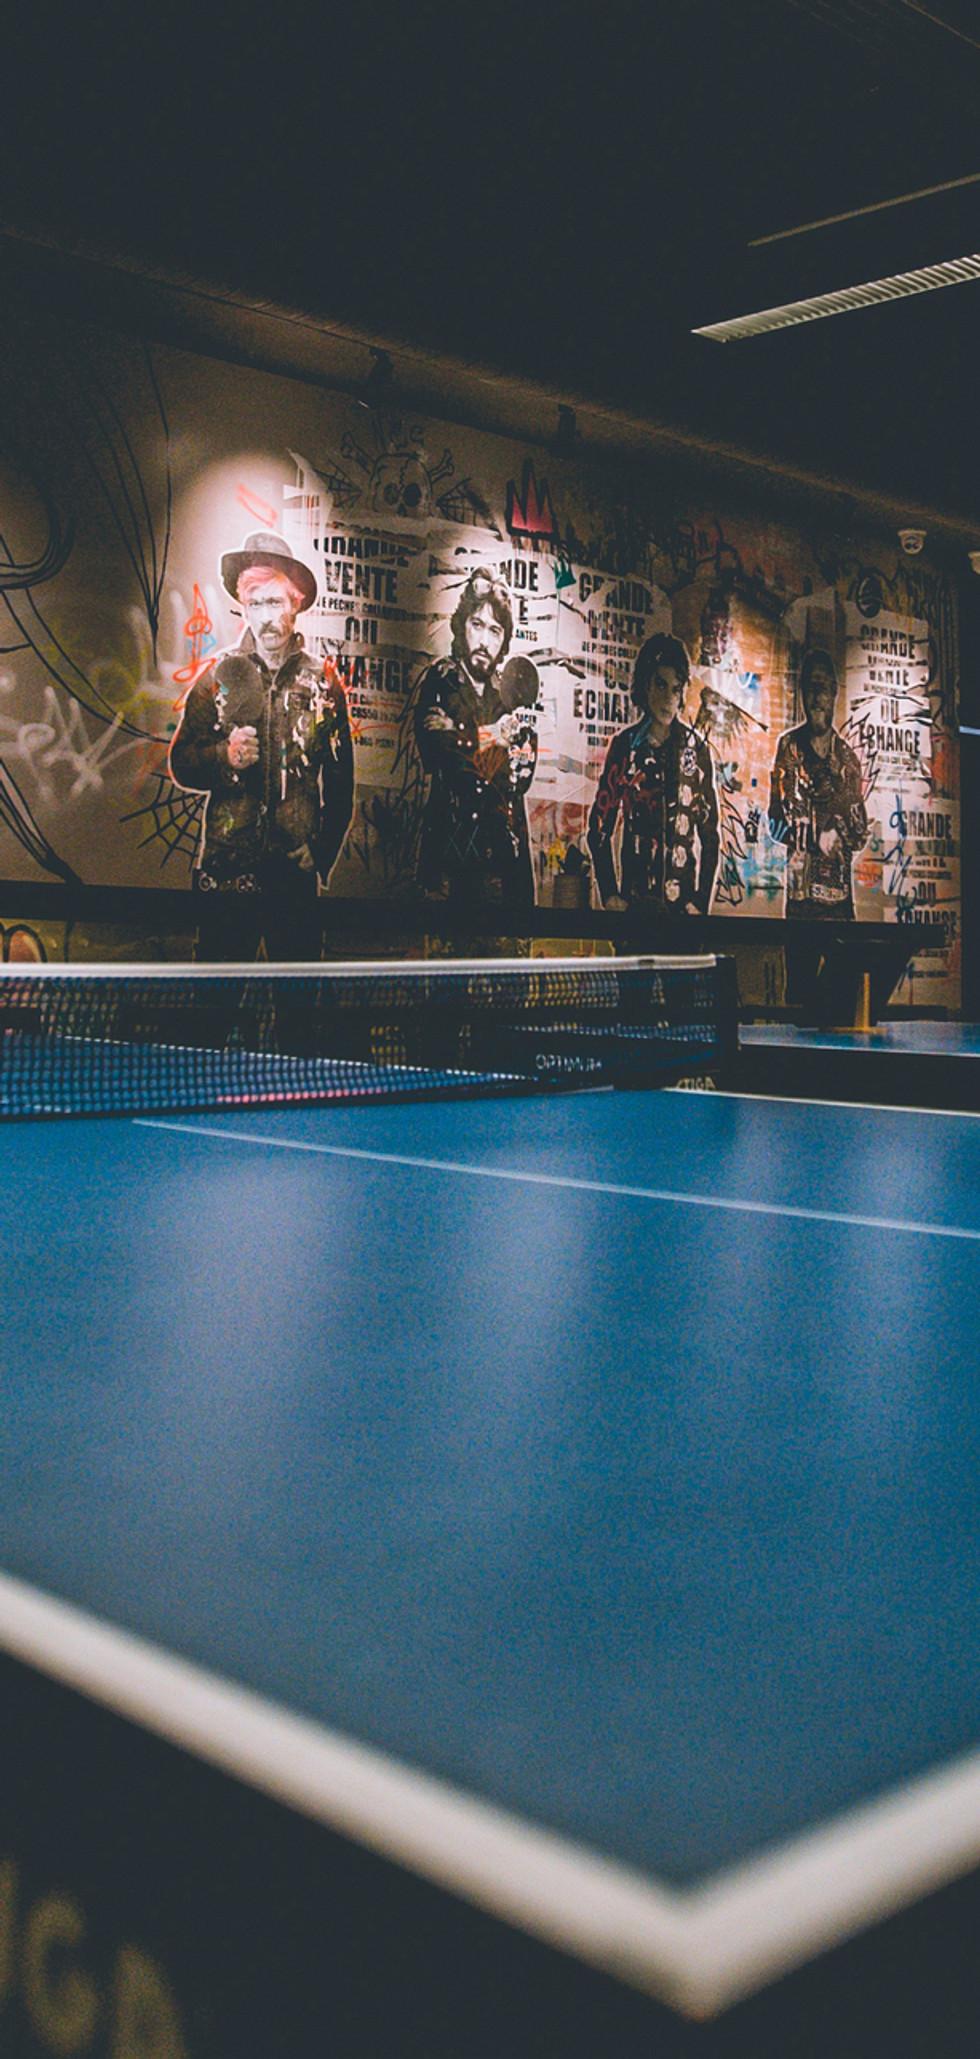 Club ping pong